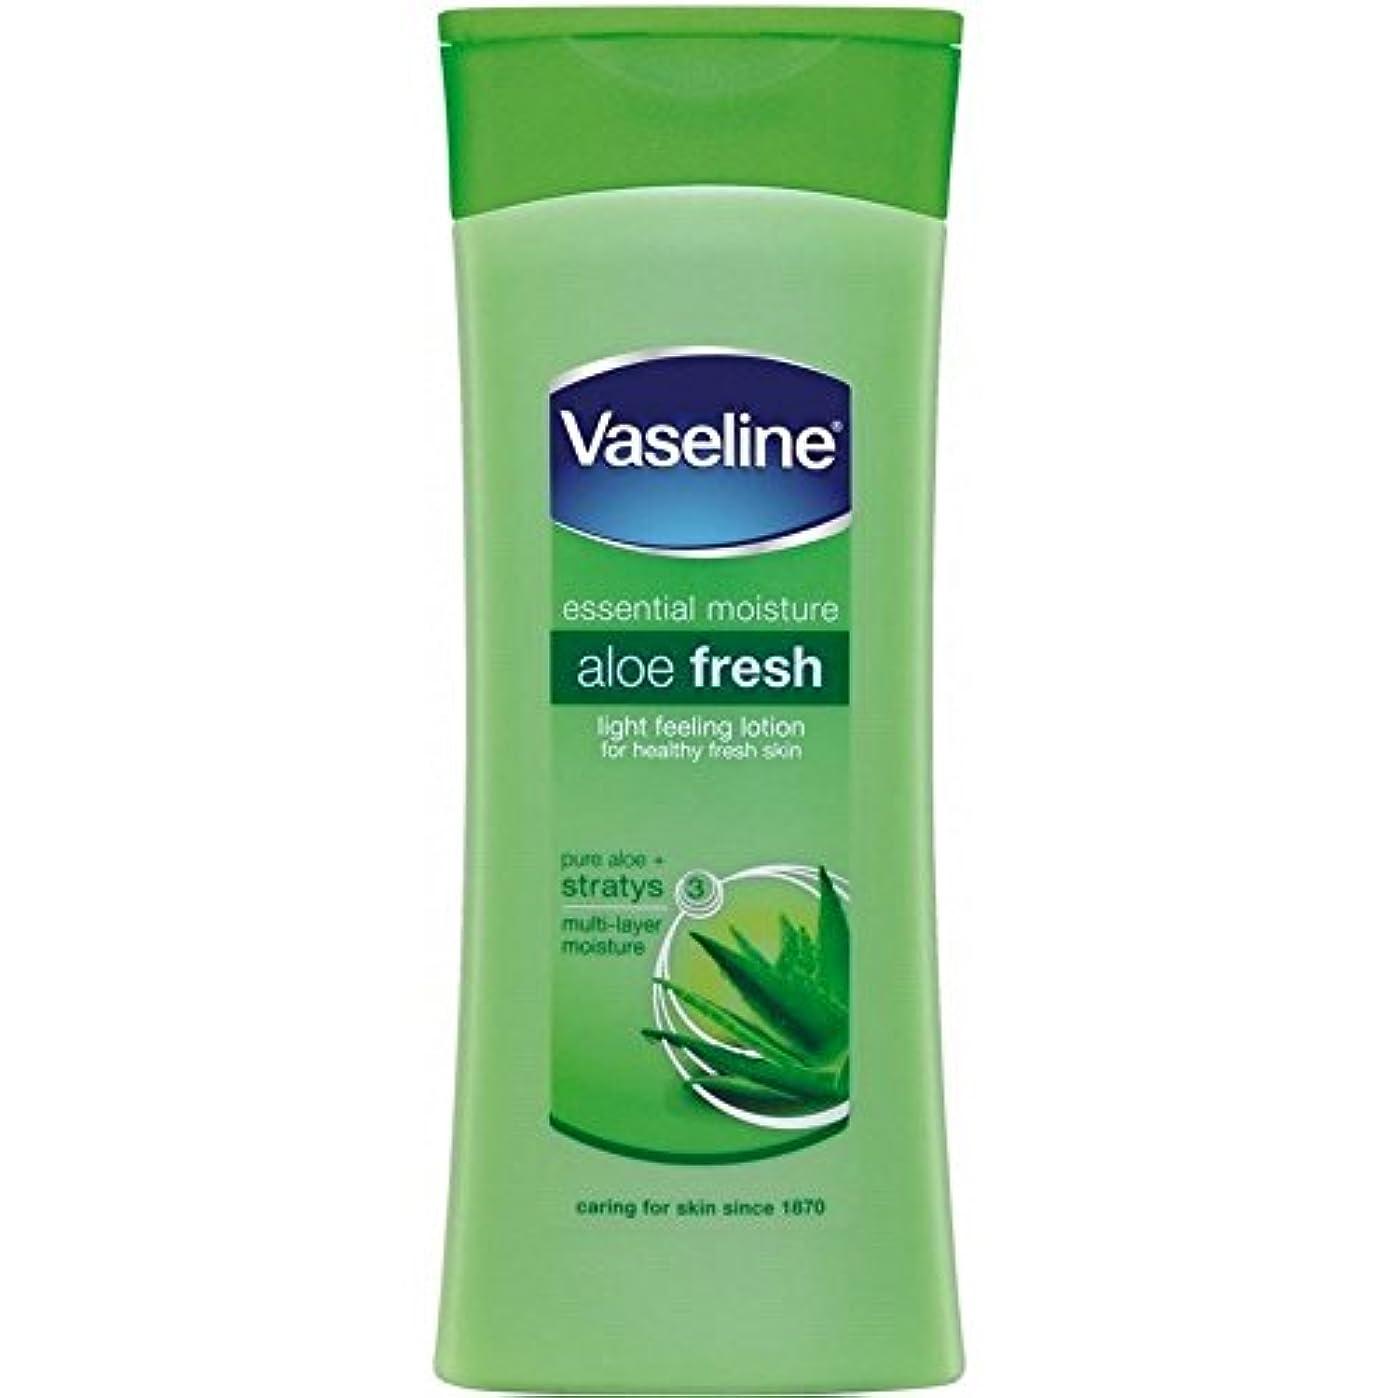 メンタリティ禁じる新しさVaseline Intensive Care Aloe Fresh Body Lotion (400ml) ワセリン集中治療アロエフレッシュボディローション( 400ミリリットル)